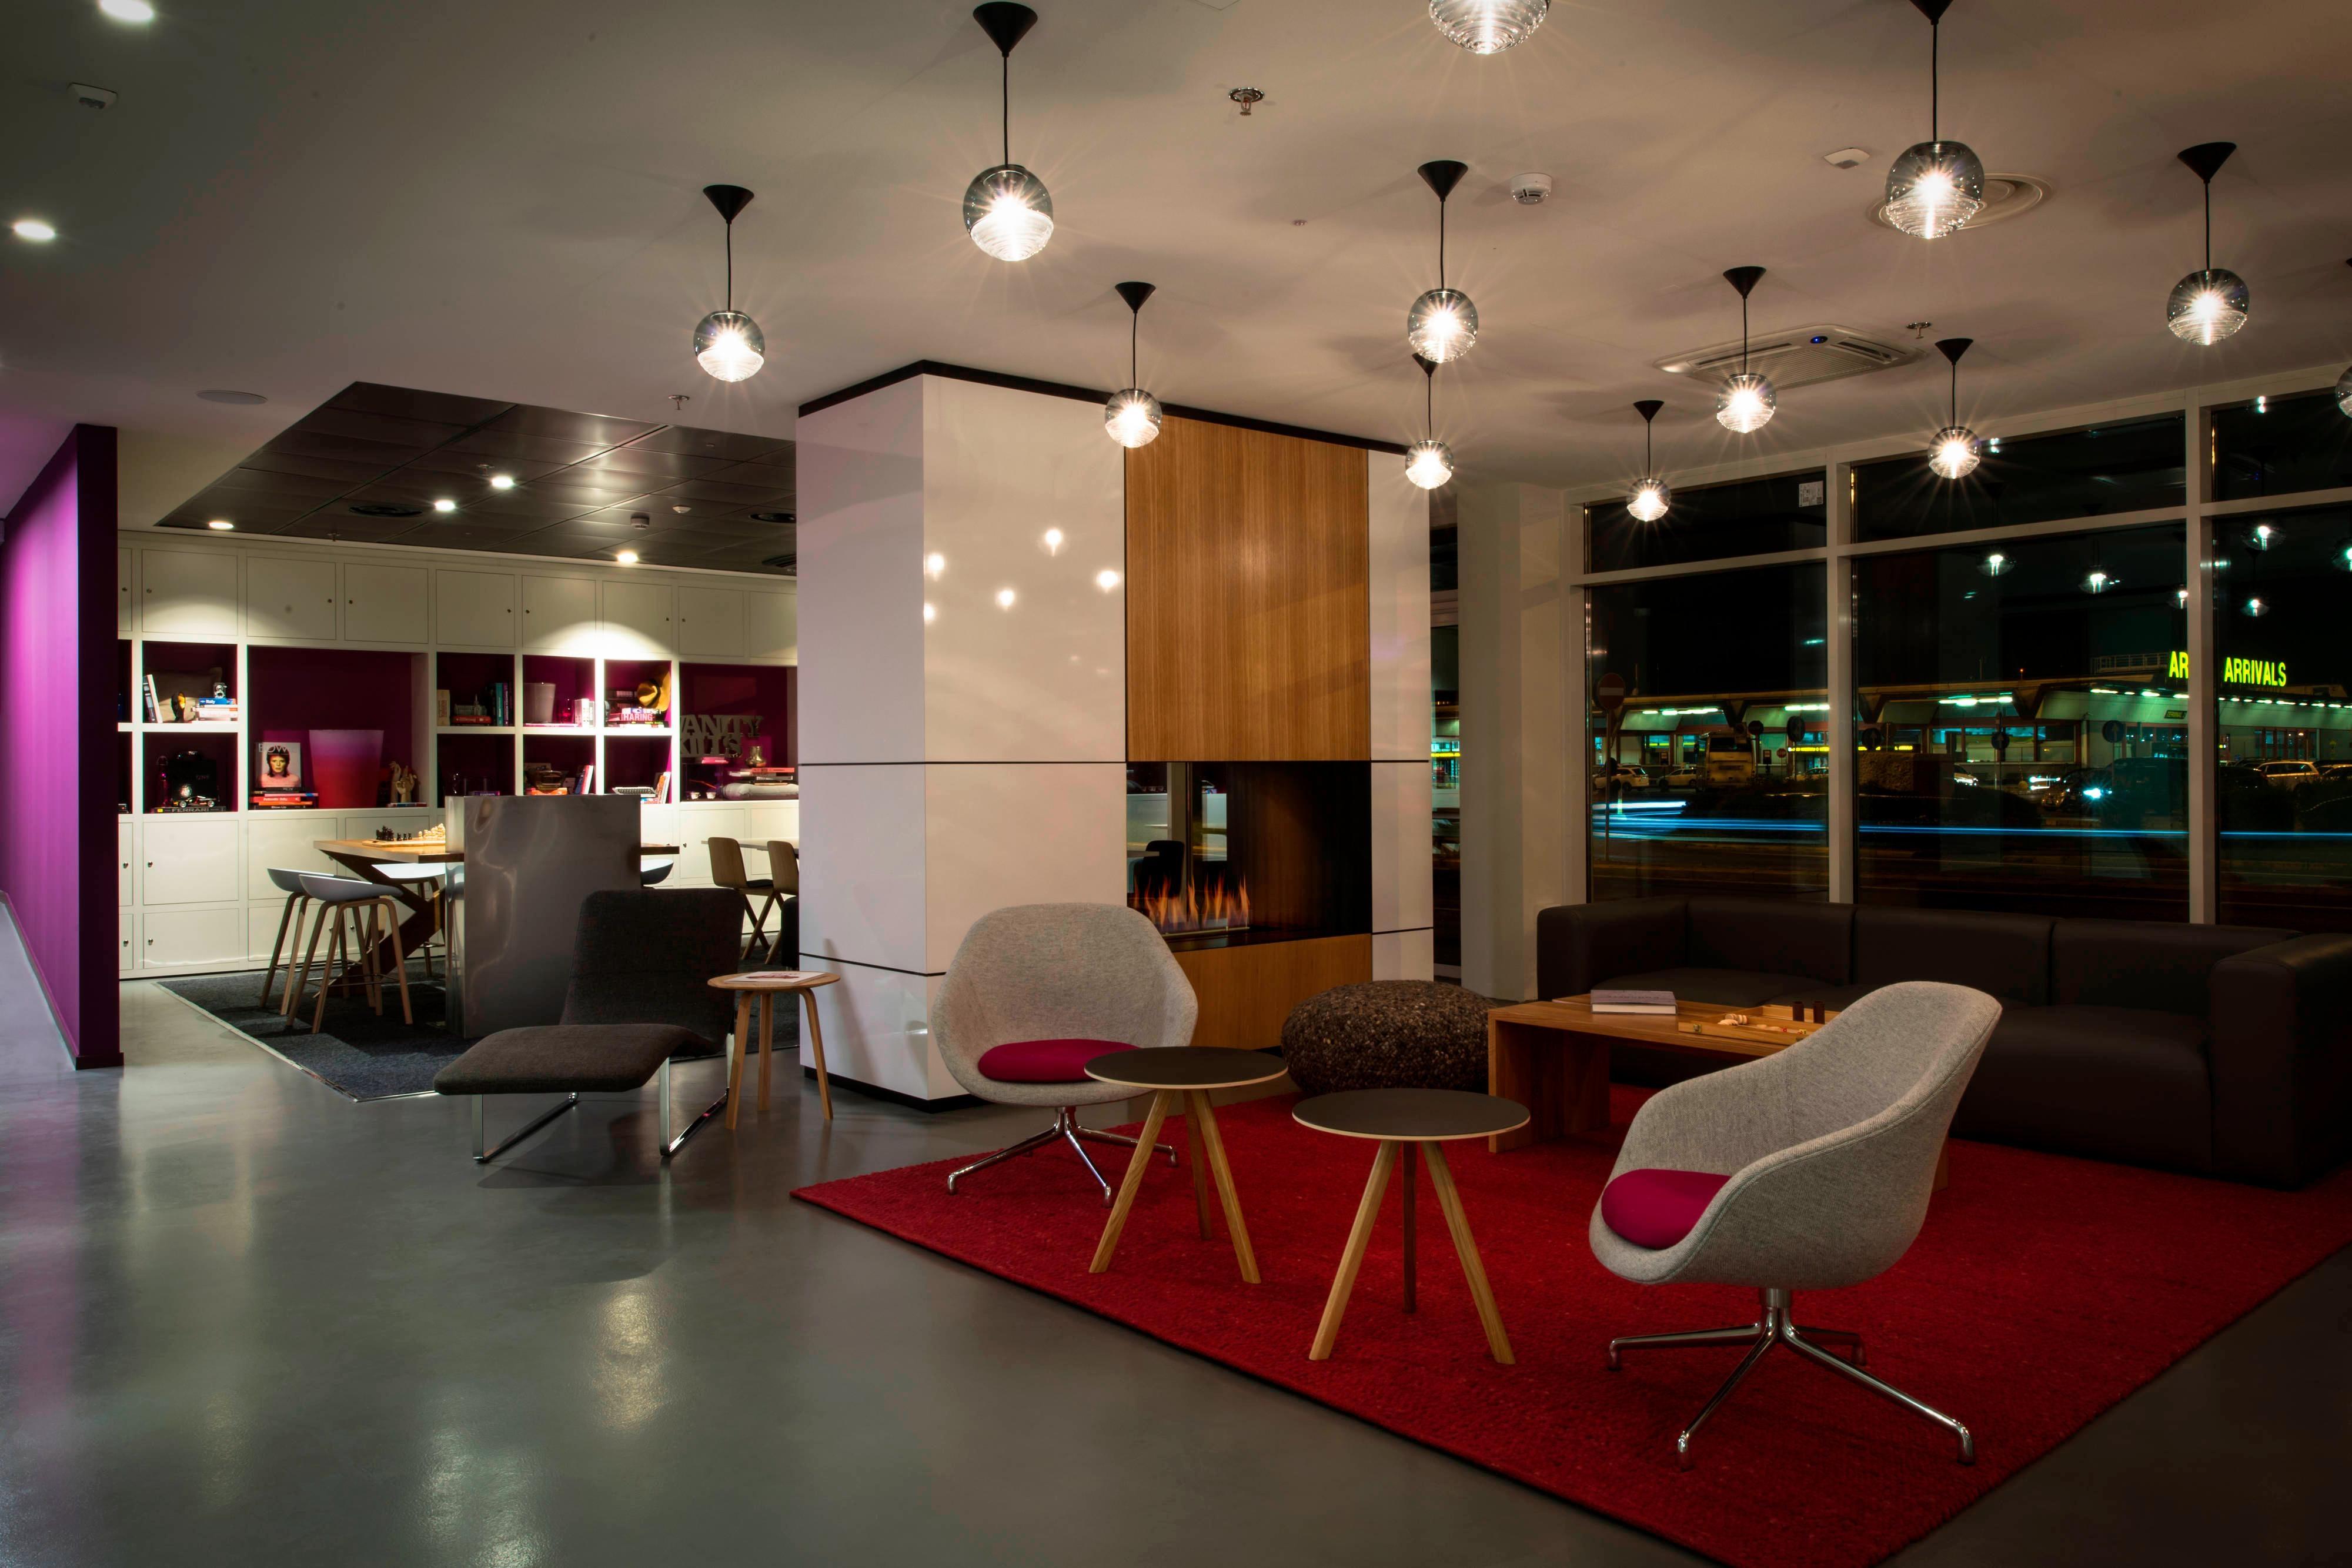 Moxy Milan Hotel Living Room